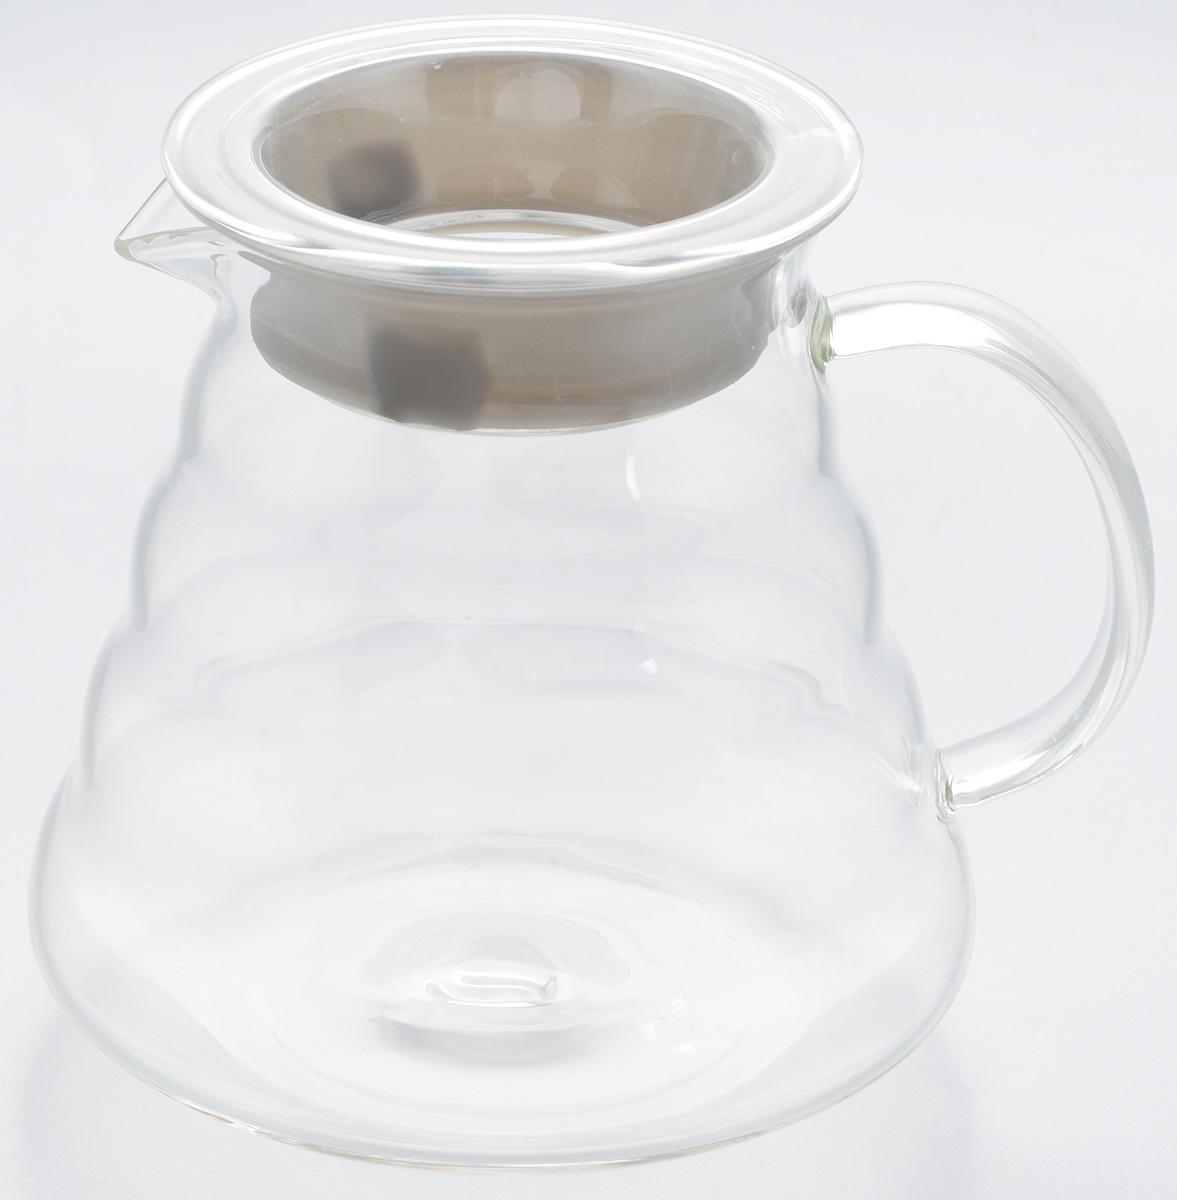 Чайник заварочный Hunan Provincial Тама, 500 мл hunan dan 123456